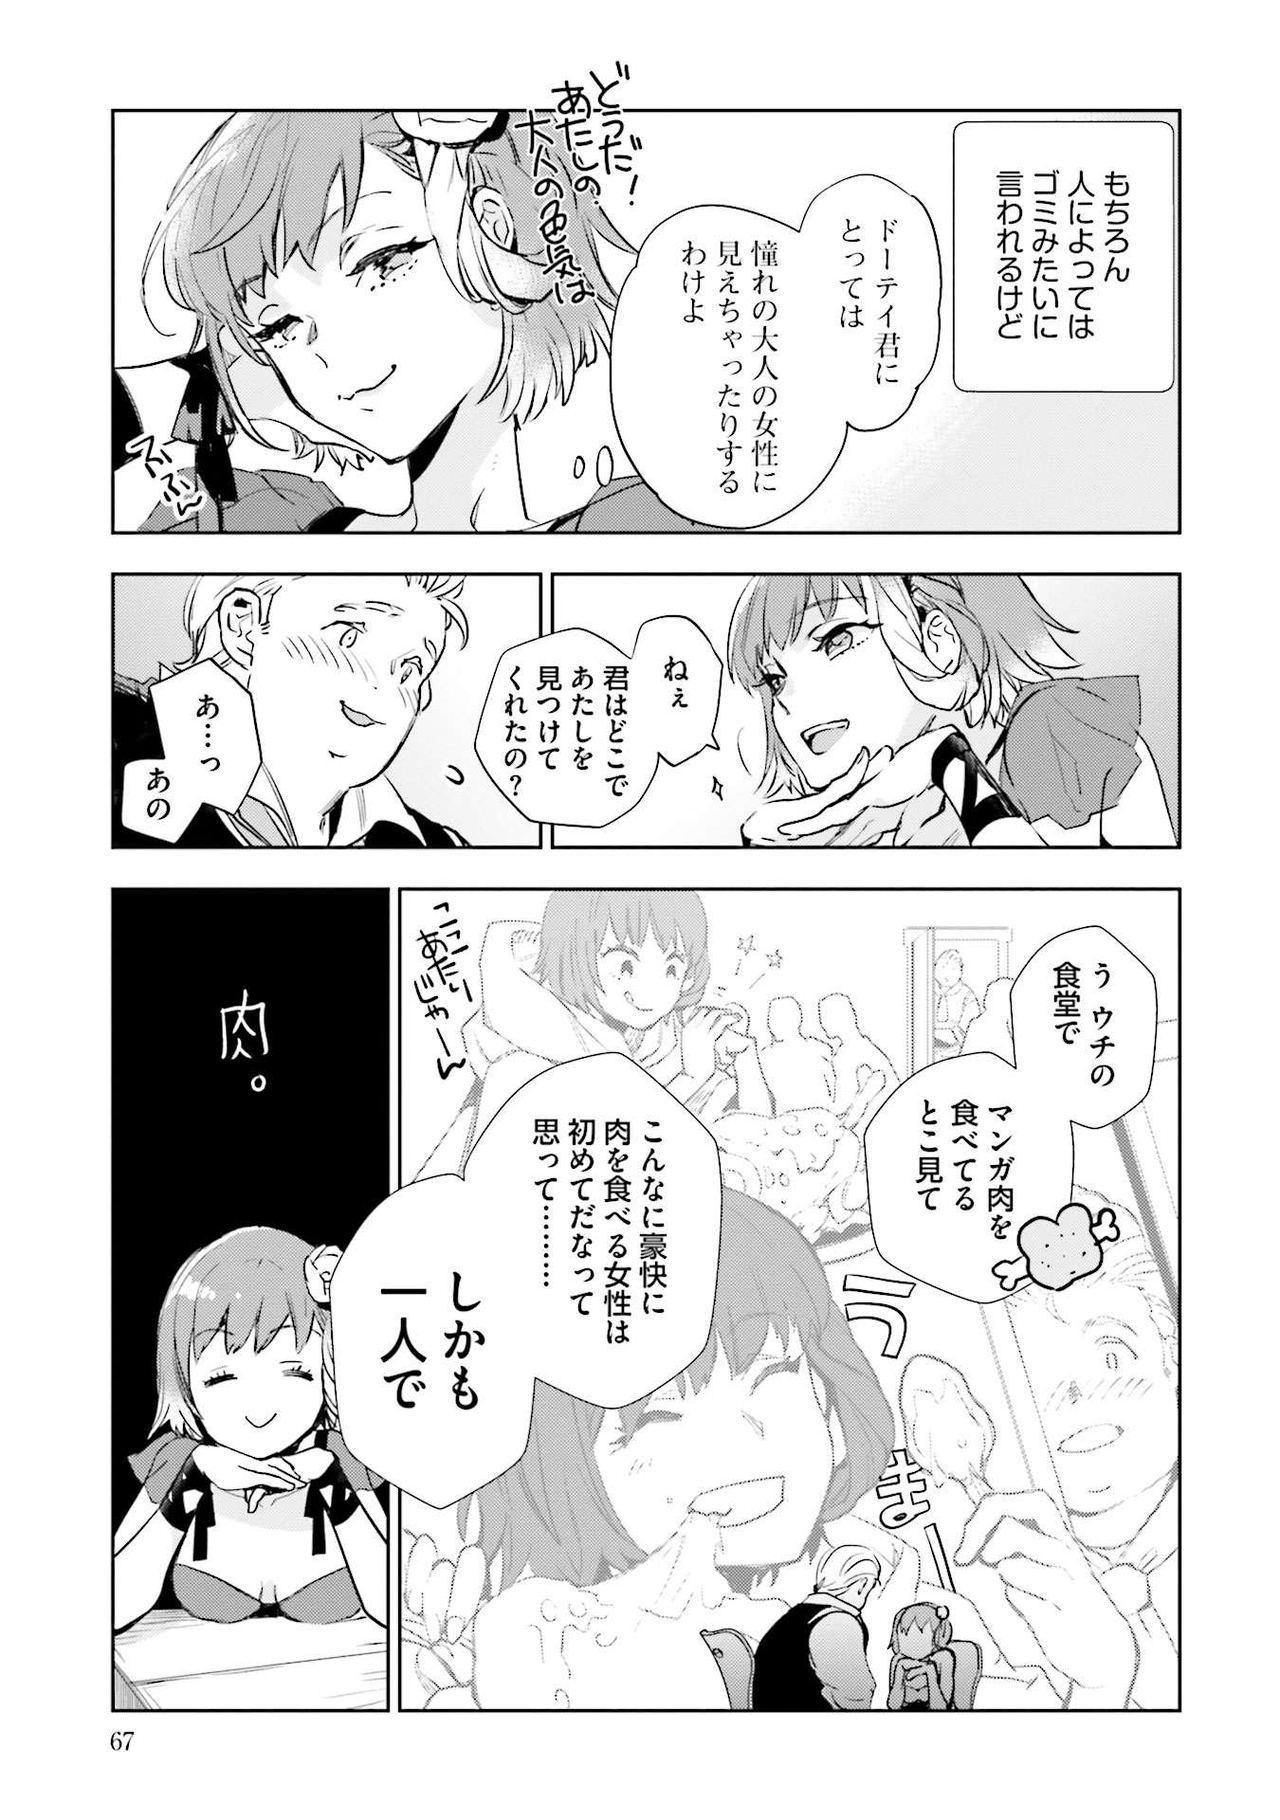 JK Haru wa Isekai de Shoufu ni Natta 1-14 68